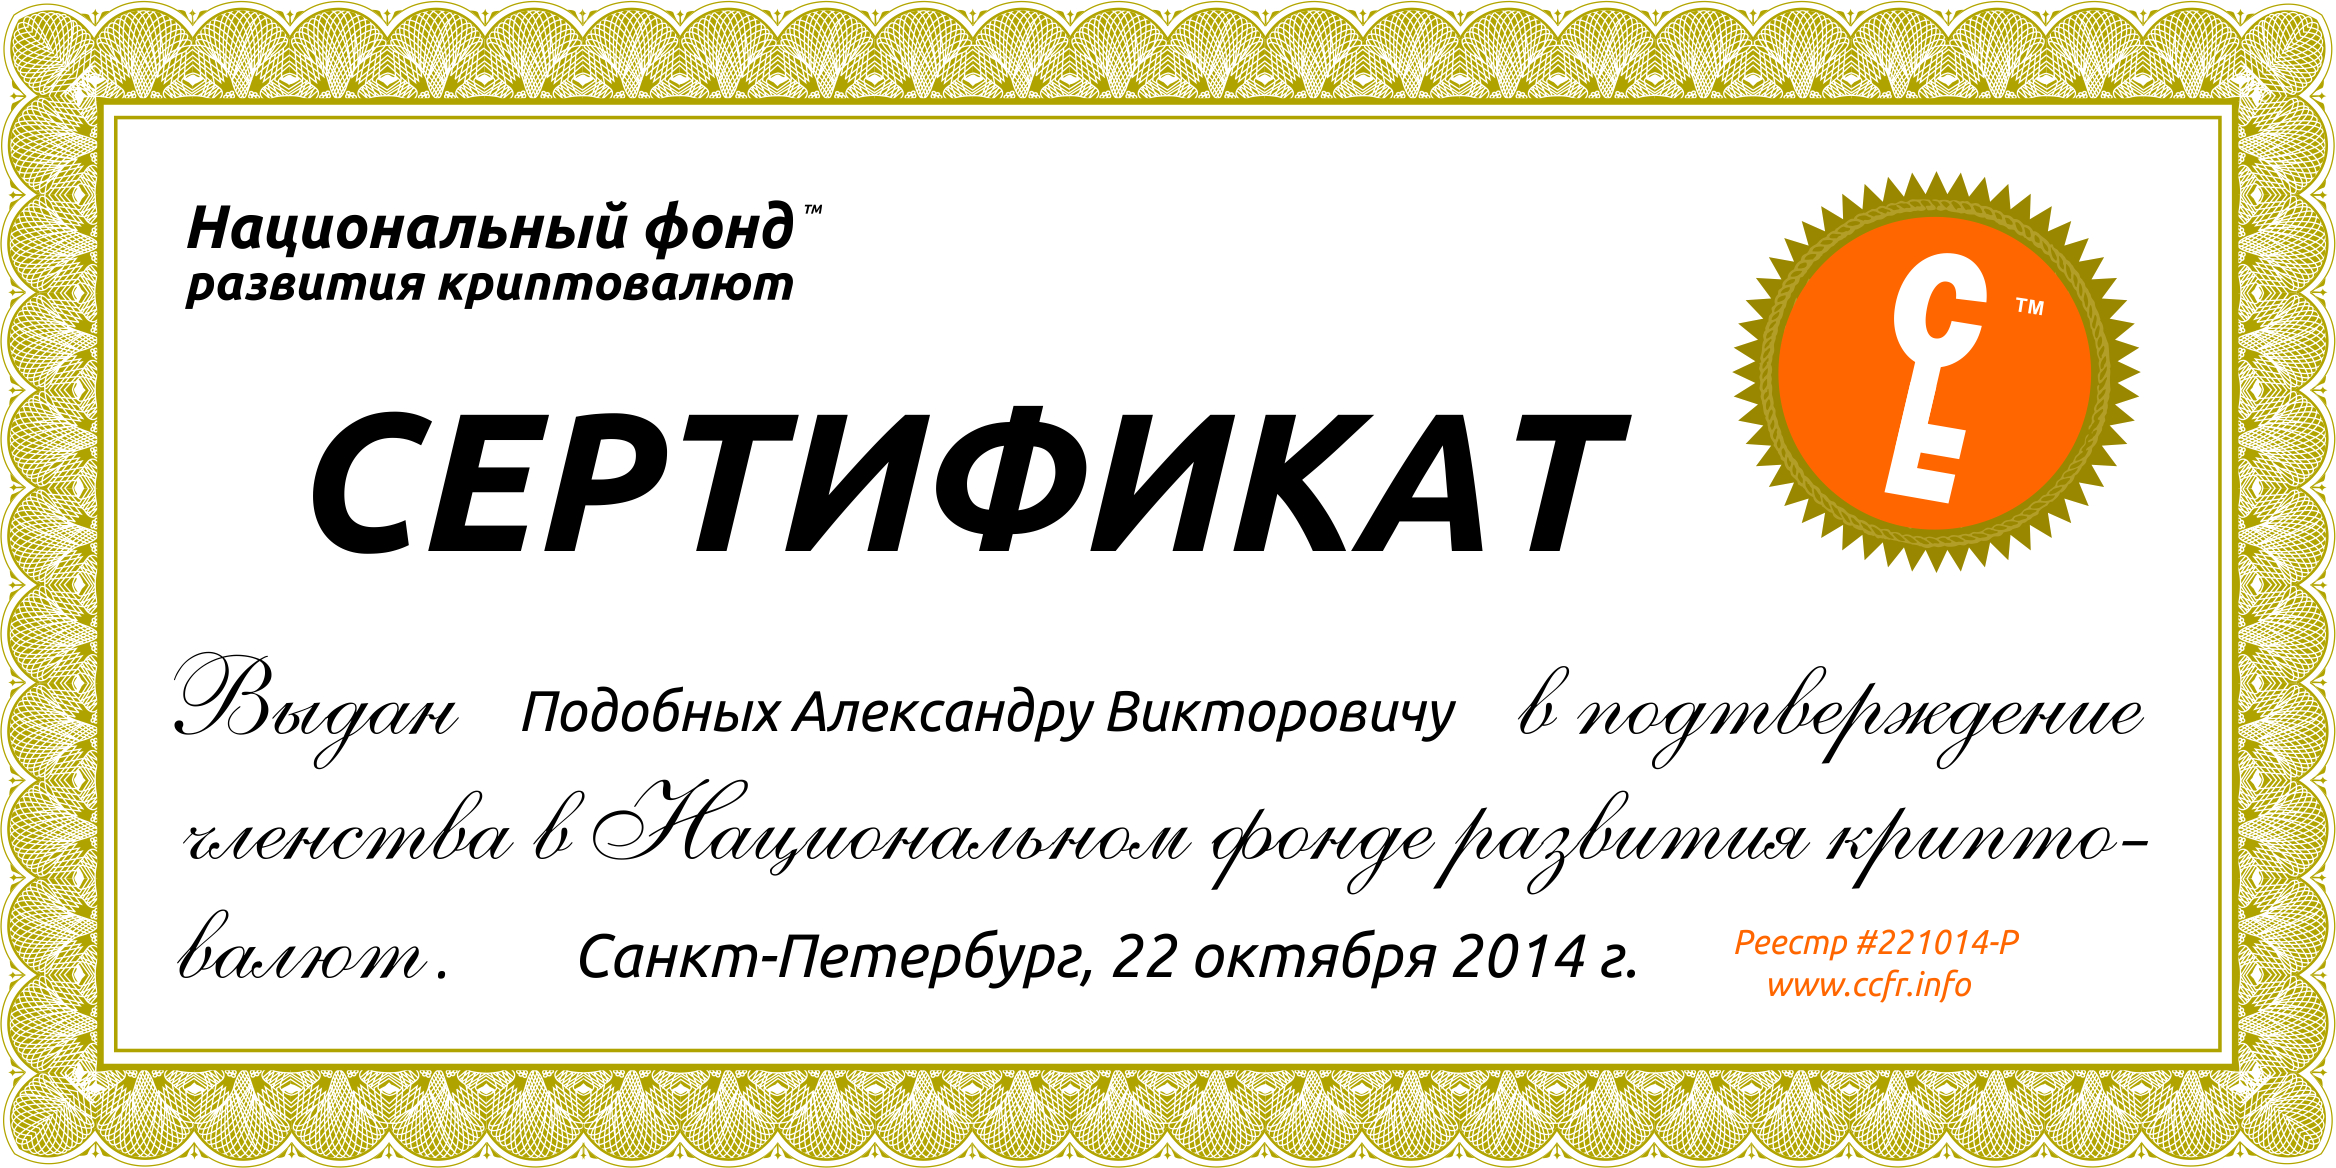 Resume russia ru